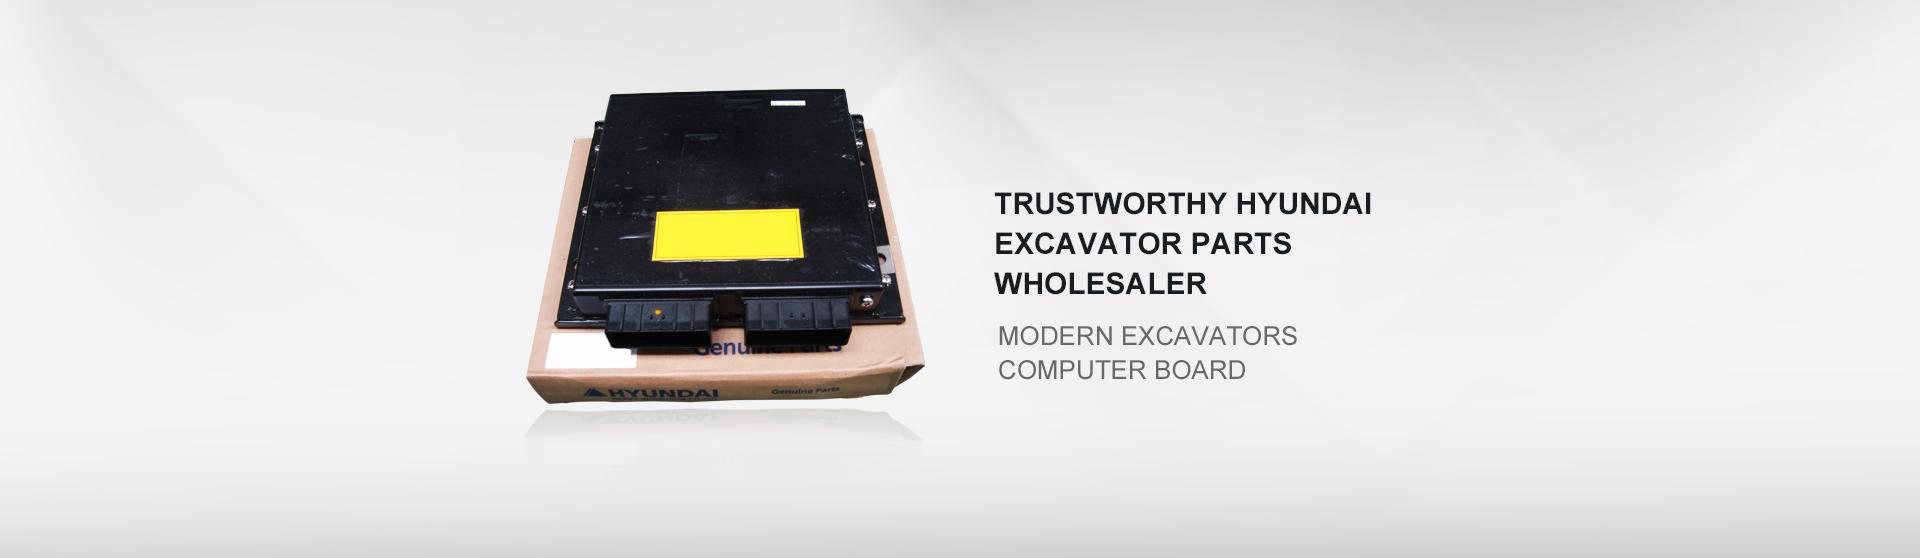 Modern excavators computer board